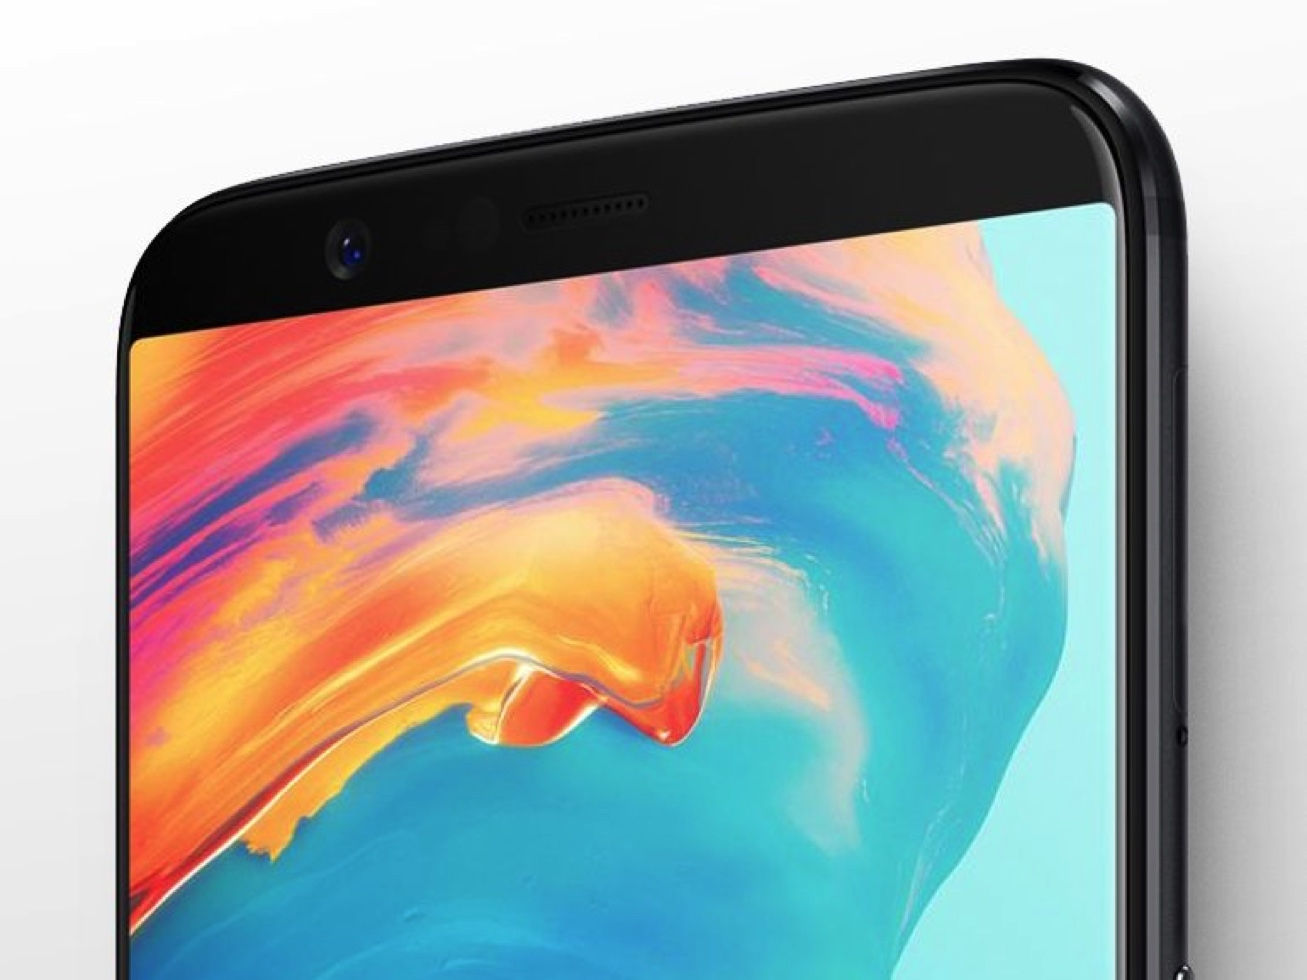 El futuro OnePlus 5T se deja ver con su pantalla infinita